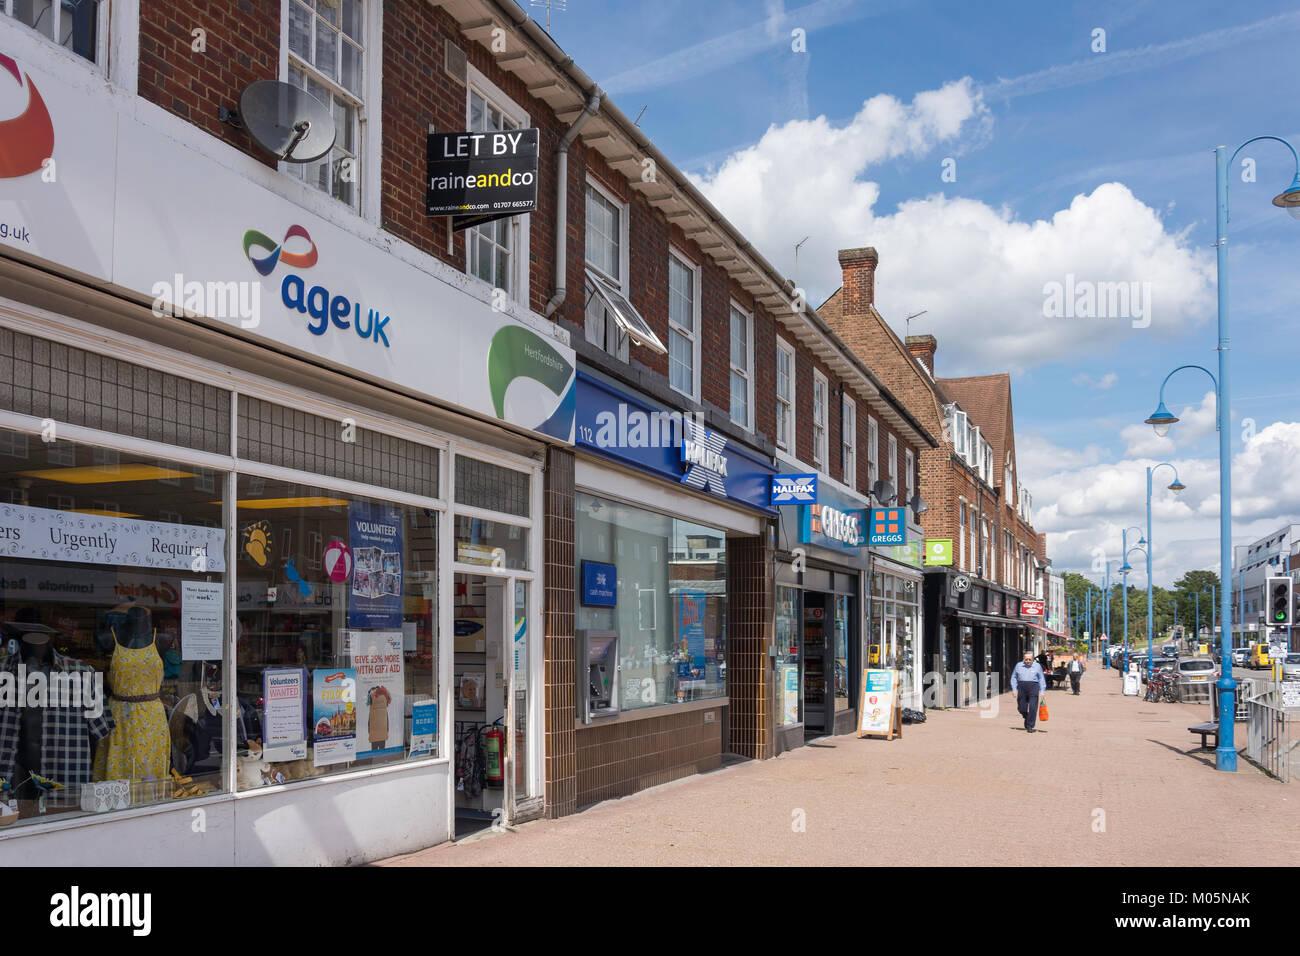 Negozi e banche su Darkes Lane, Potters Bar, Hertfordshire, England, Regno Unito Immagini Stock